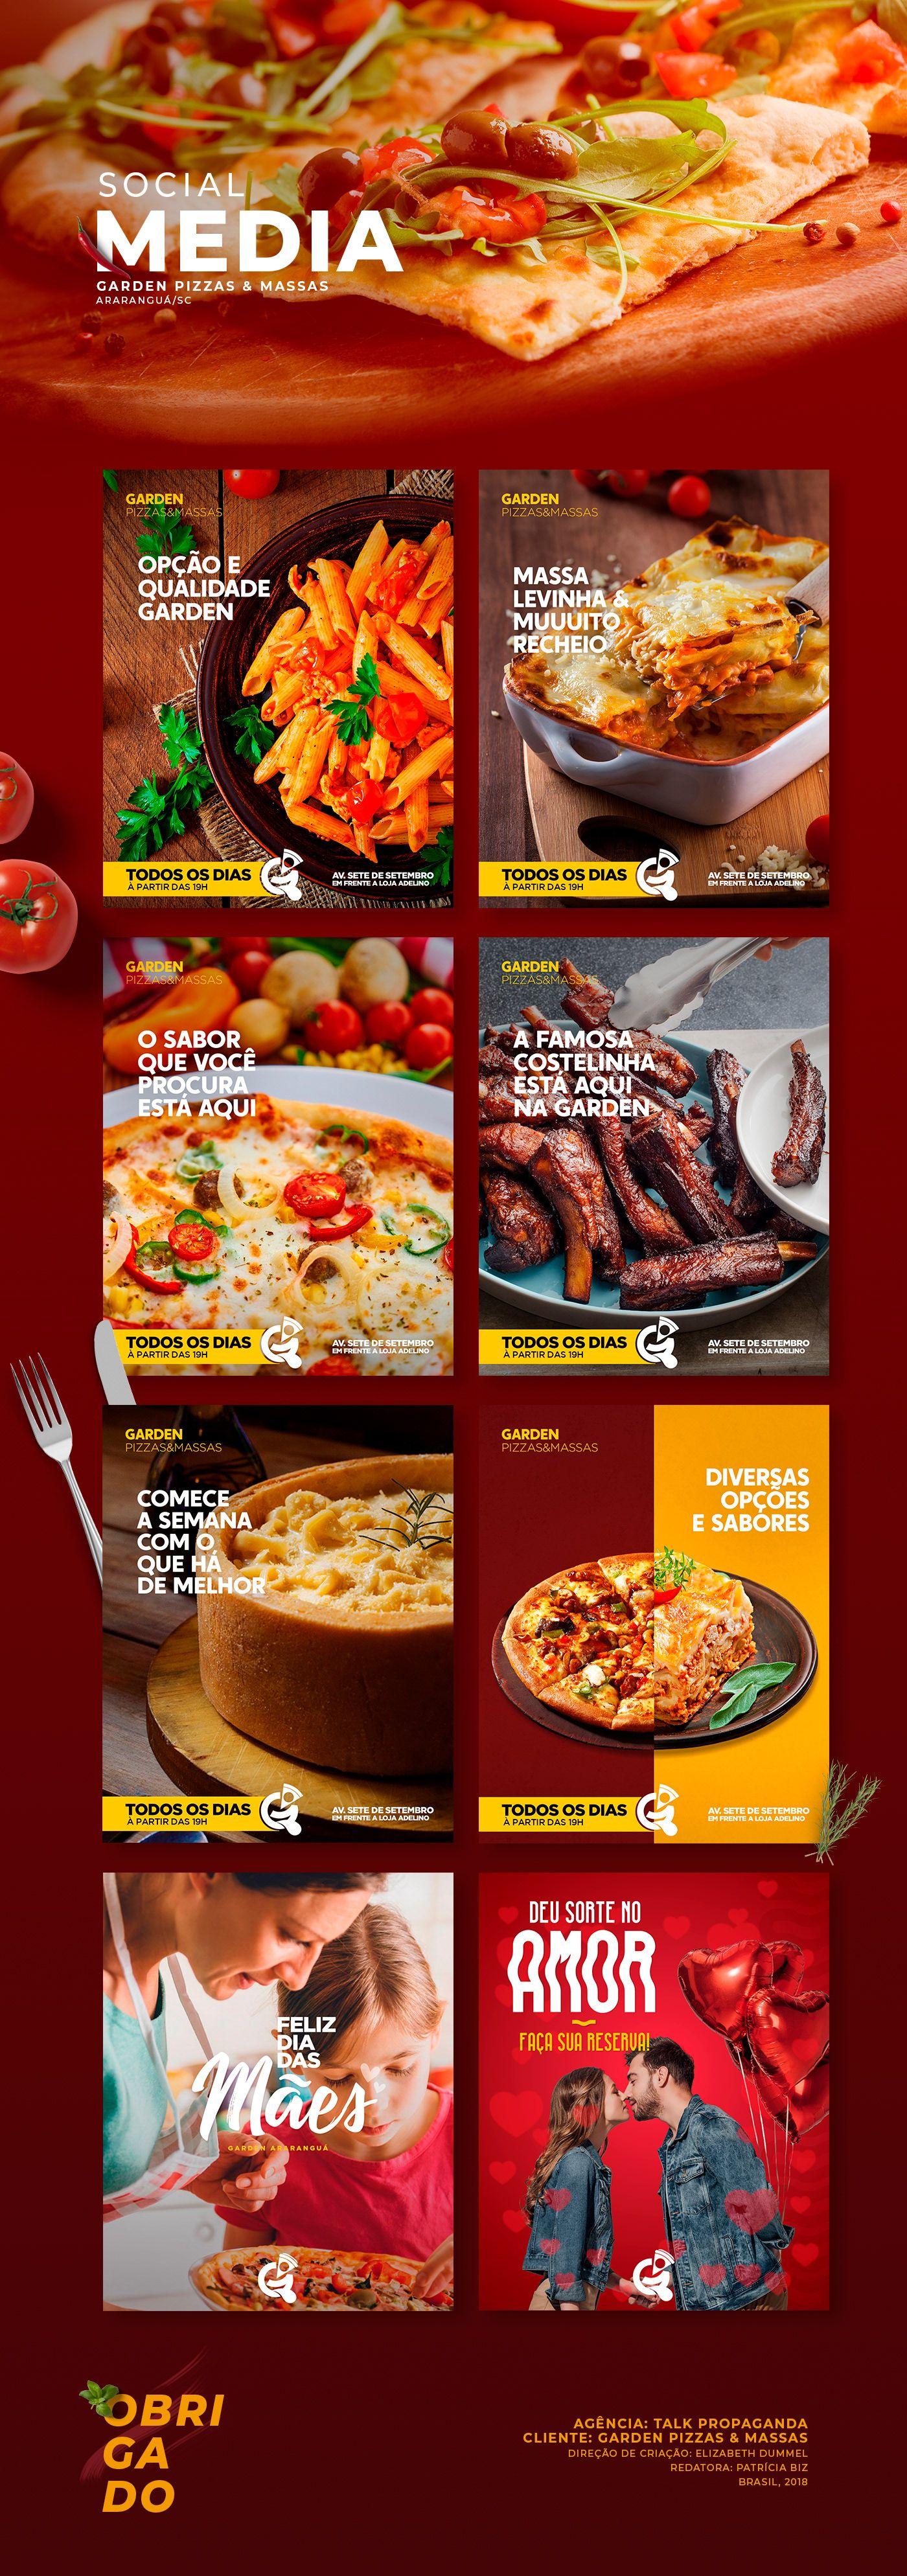 Garden Pizzas E Massas Social Media On Behance Restaurant Social Media Social Media Branding Social Media Design